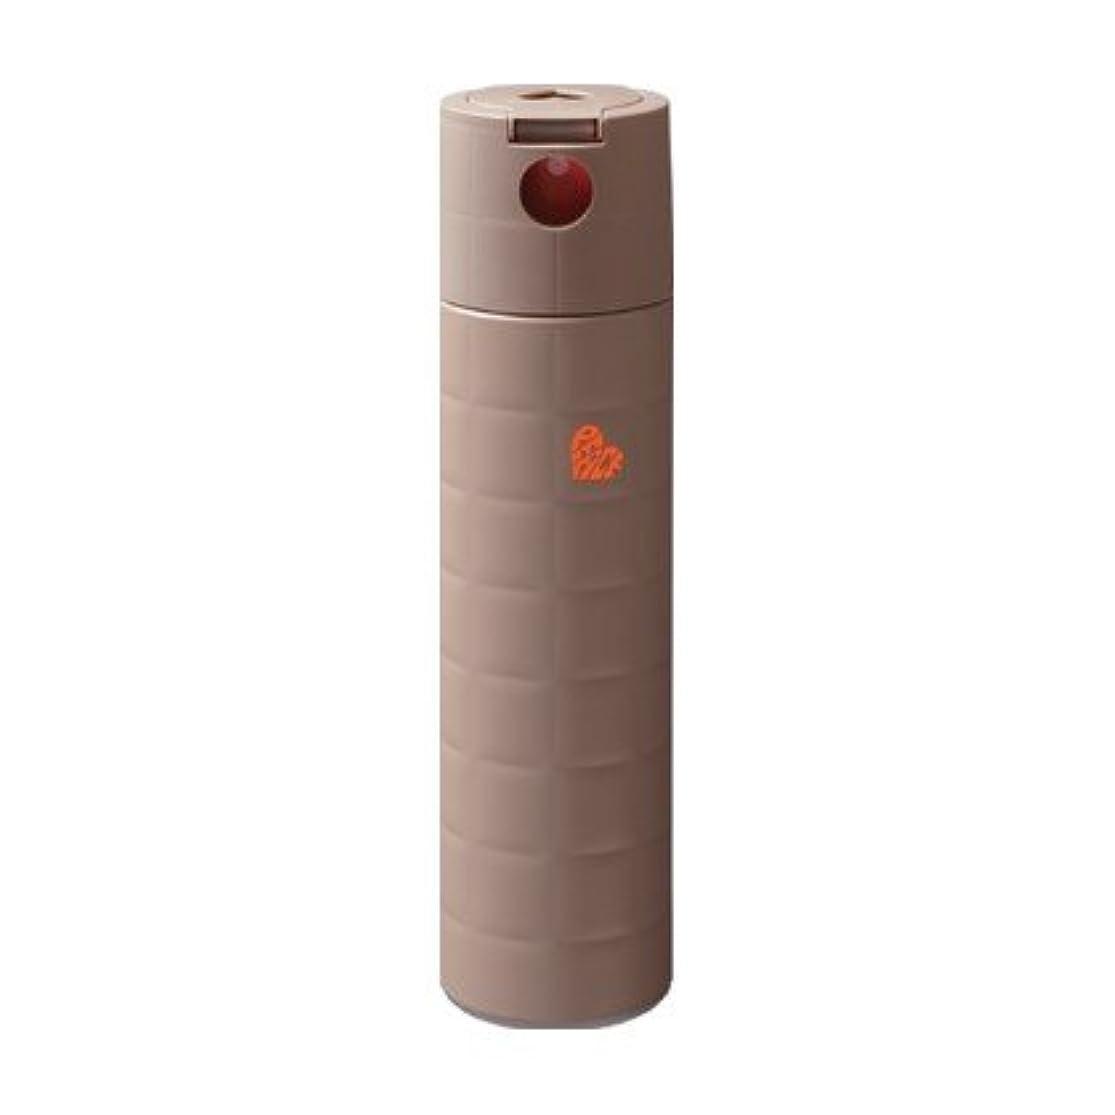 ジャングルベーリング海峡酸アリミノ ピース ワックスspray カフェオレ 143g(200ml) スプレーライン ARIMINO PEACE